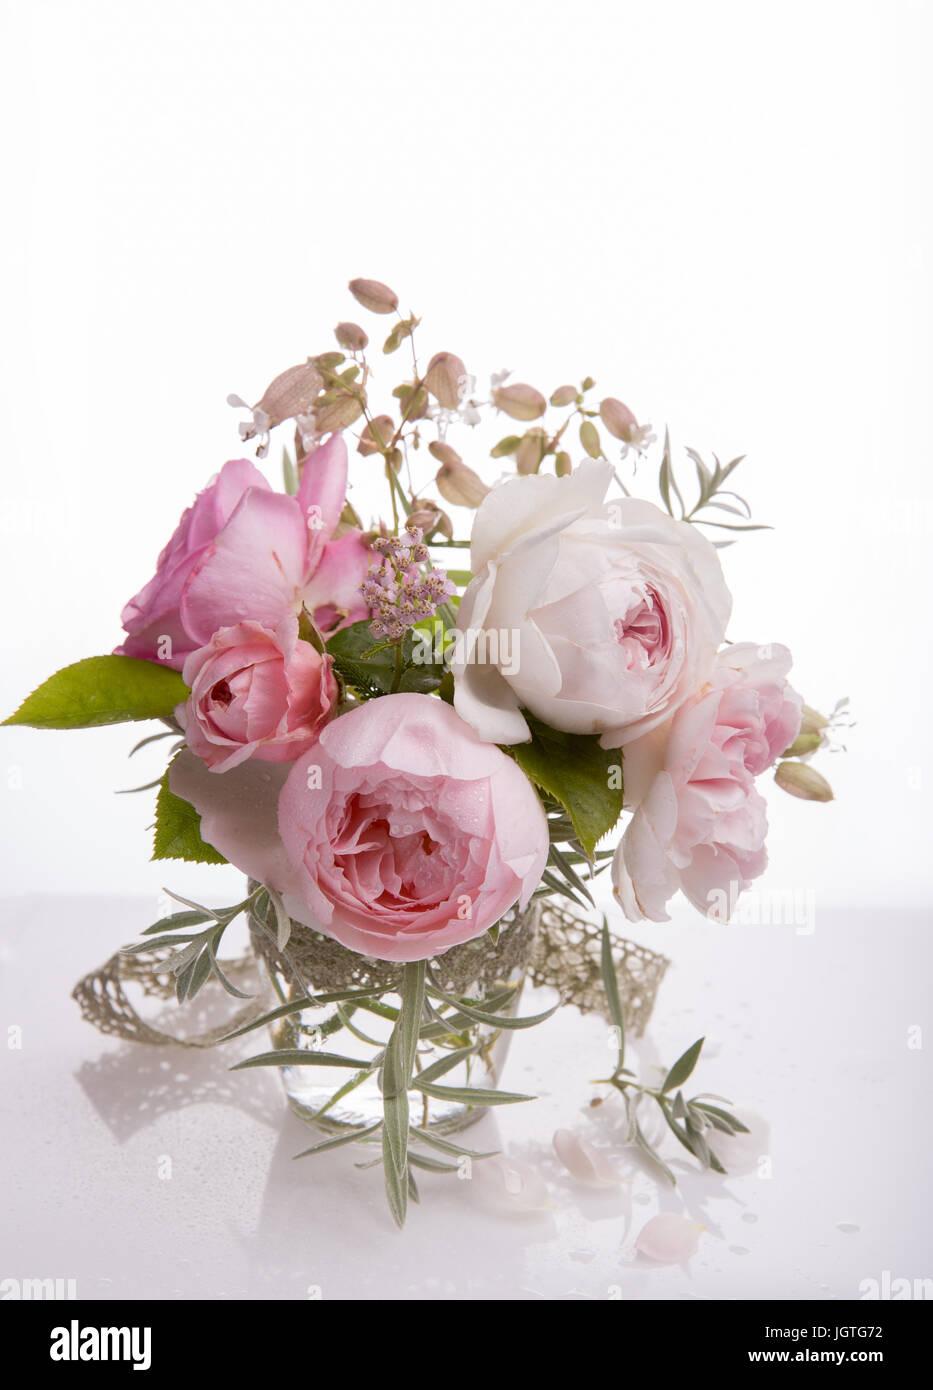 Mazzo Di Fiori Un Inglese.Bella Rosa Inglese Mazzo Di Fiori Su Sfondo Bianco Foto Immagine